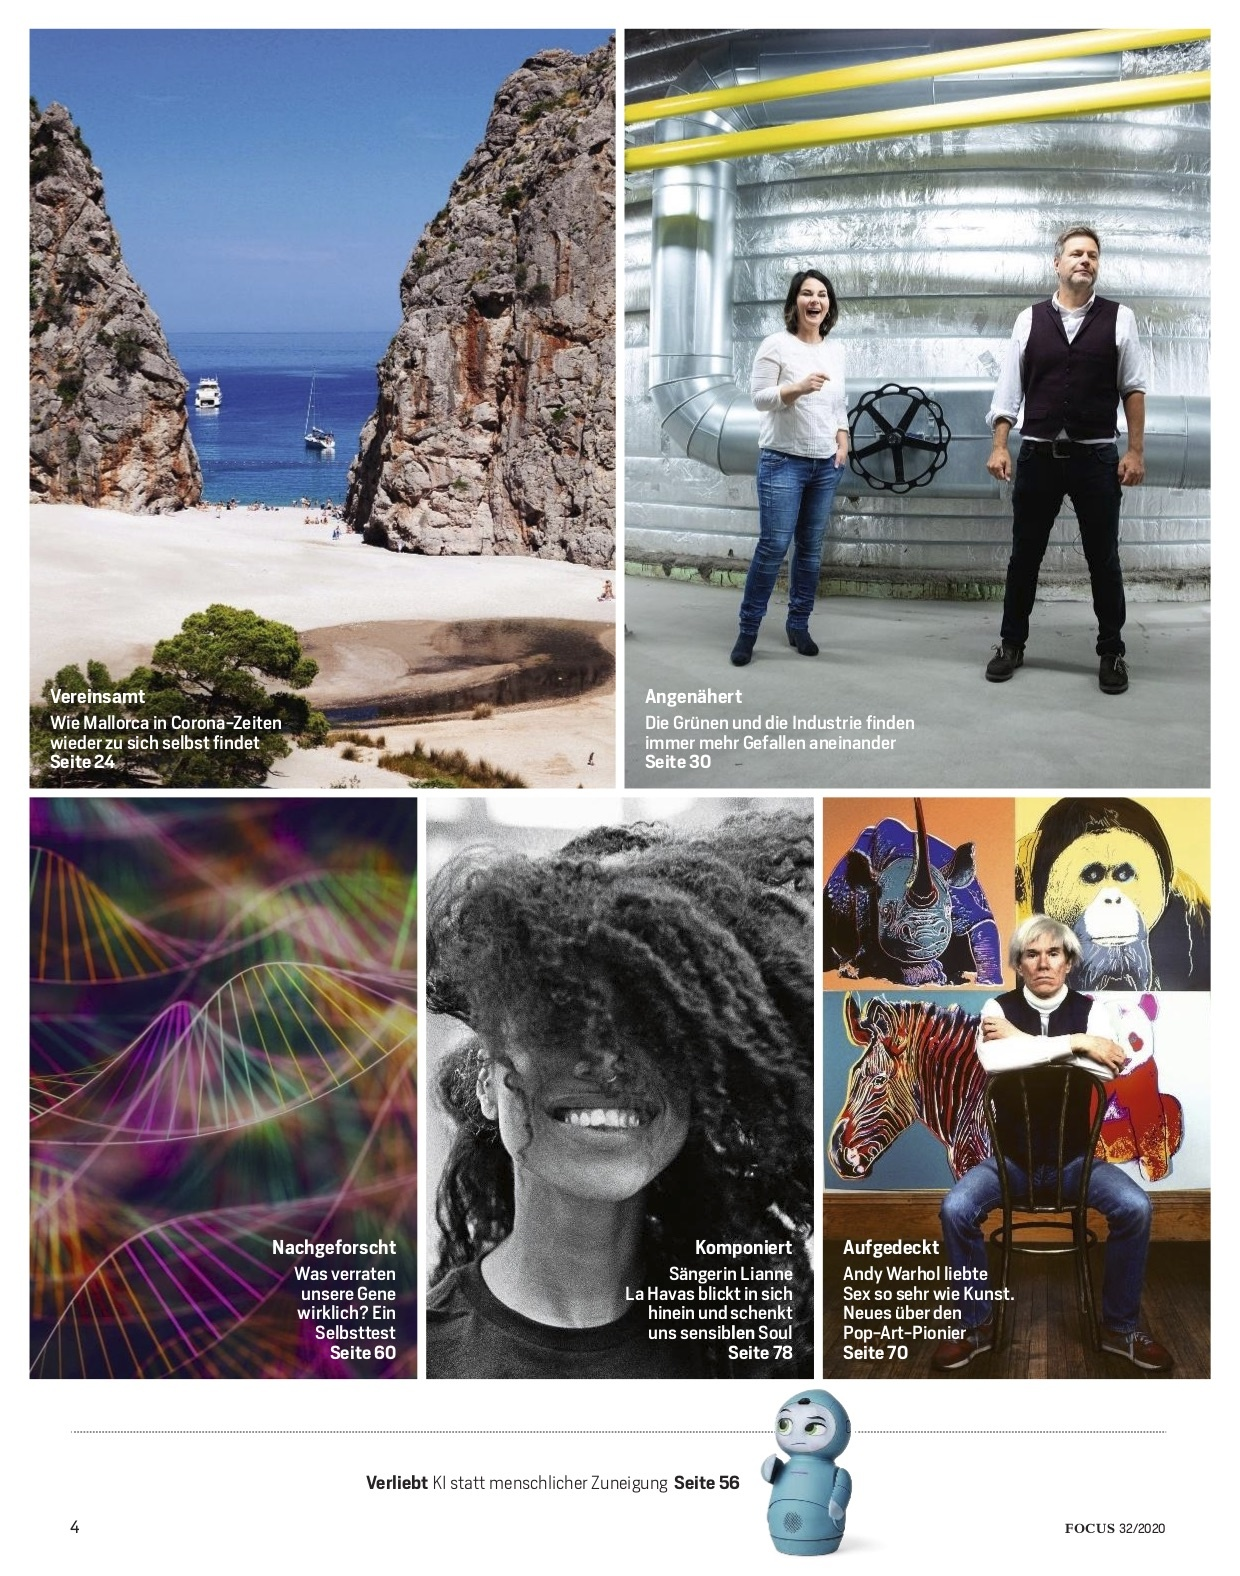 FOCUS Magazin FOCUS Magazin - Die Macht der Ideen